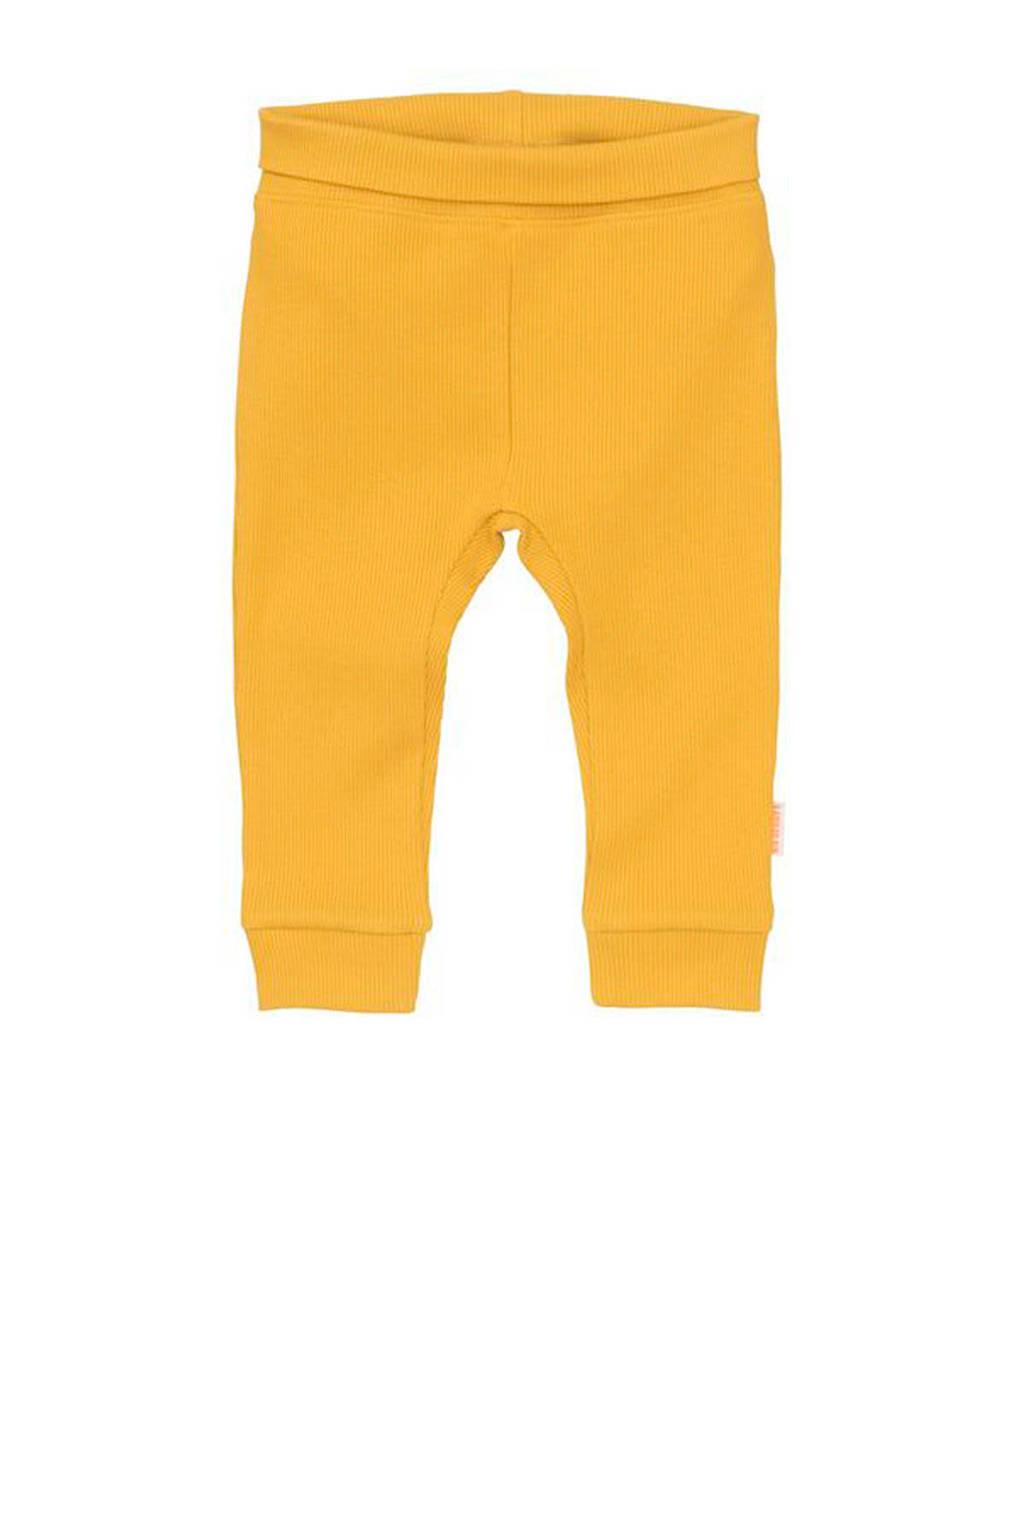 HEMA newborn baby broek met bamboe geel, Geel